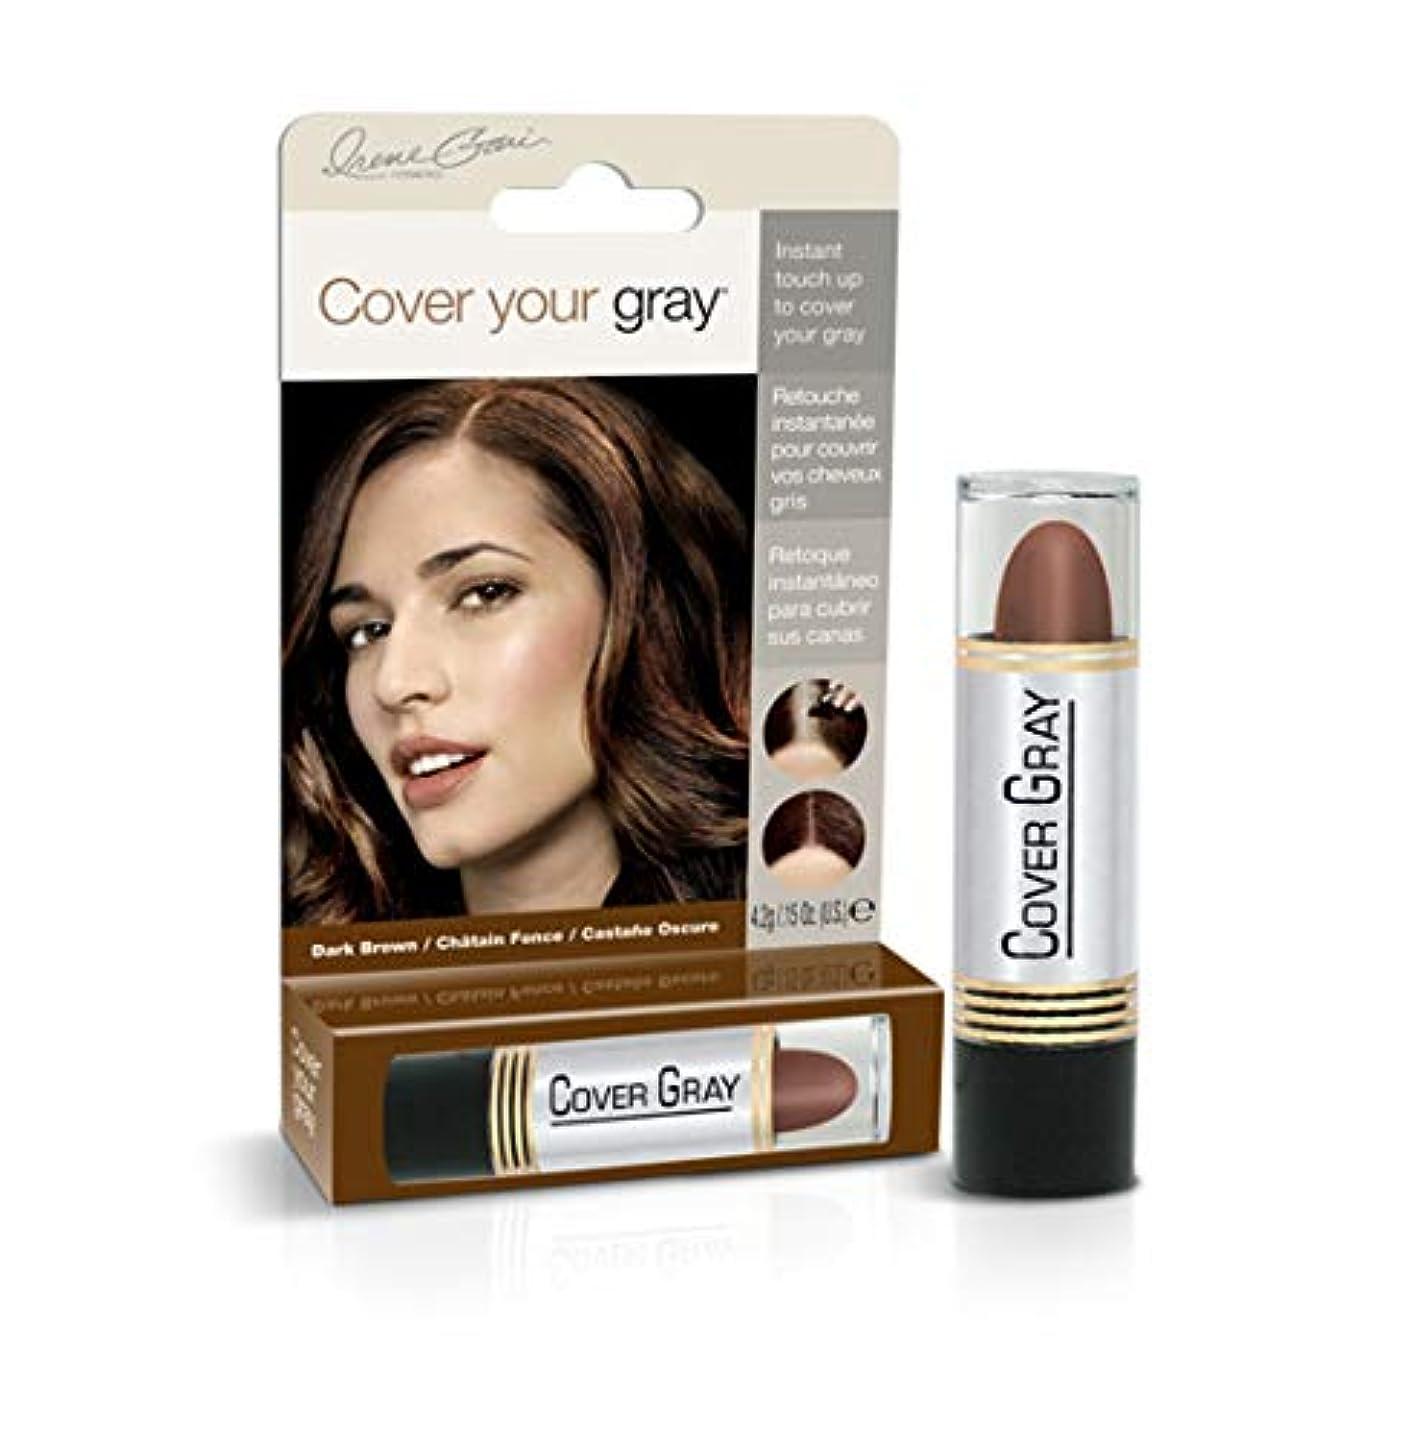 しみ変装した行政Cover Your Gray Stick Dark Brown 44 ml. (Pack of 6) (並行輸入品)